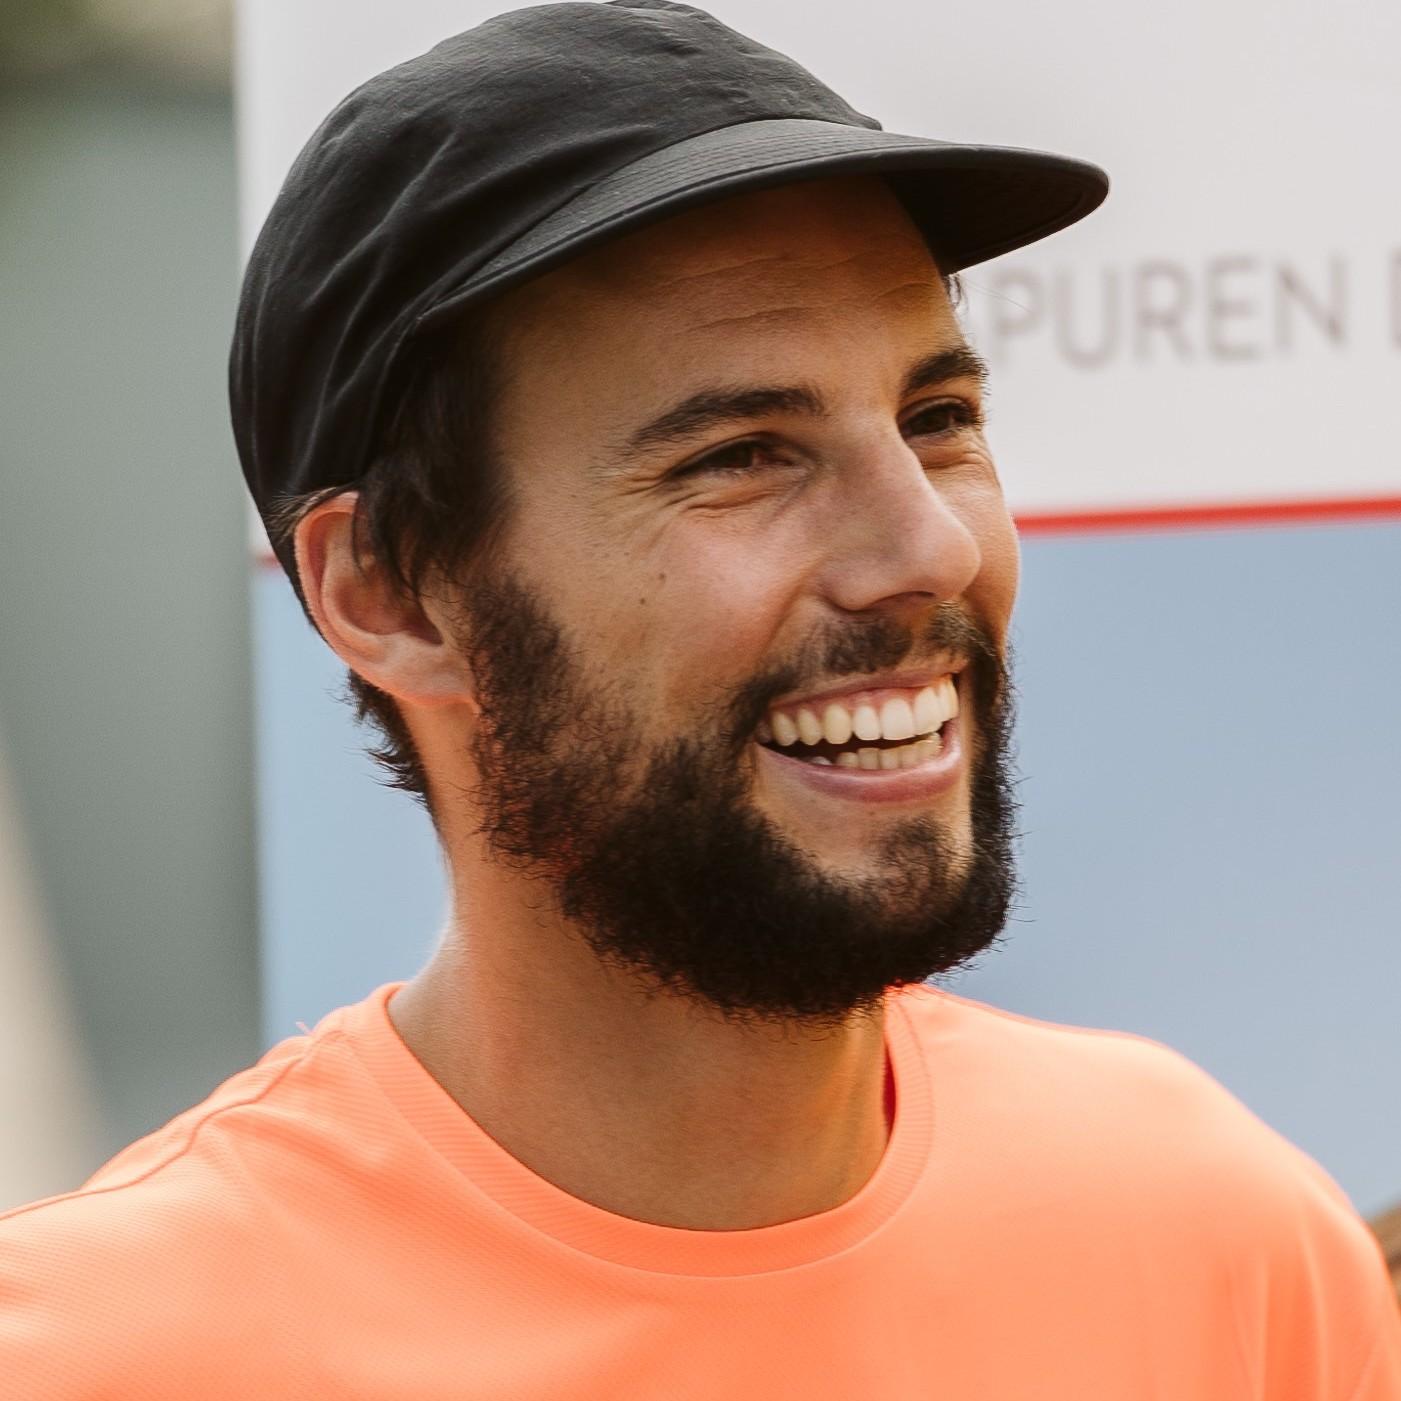 Hannes Schertenleib